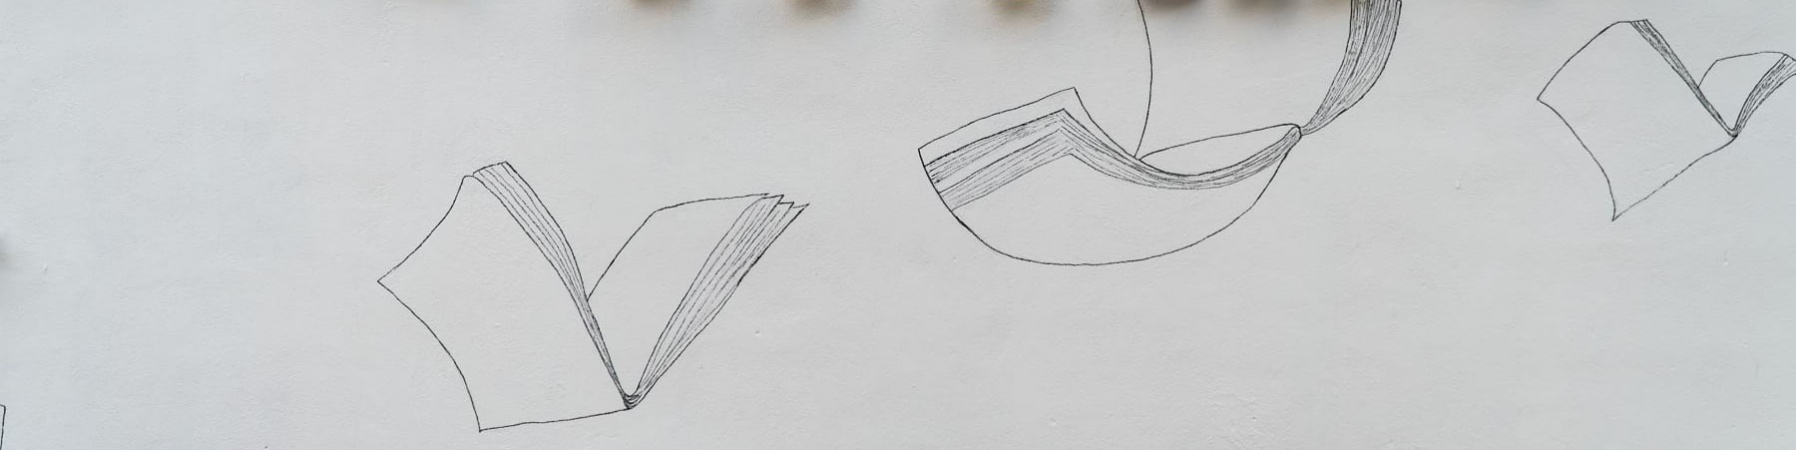 Parete bianca sui cui sono disegnati libri con le ali